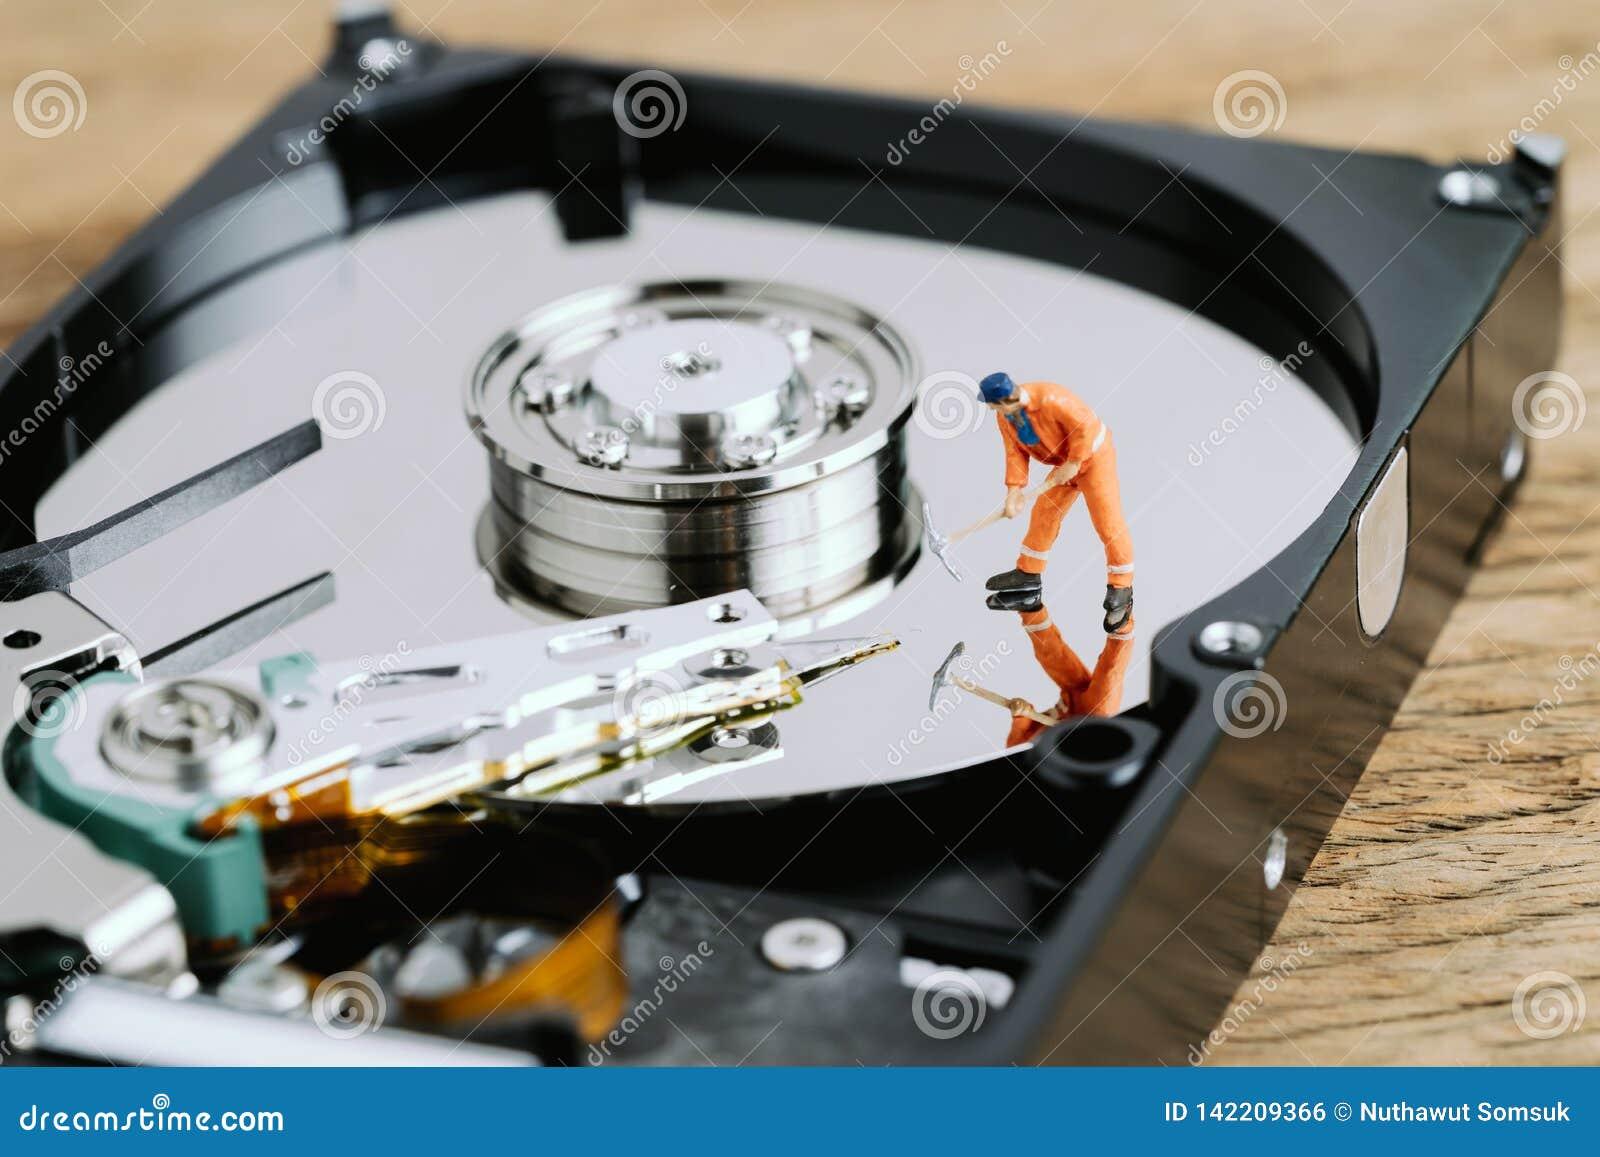 Miniaturowego pracownika lub fachowego personelu głębienie na HDD, dysk twardy używać jako dane kopalnictwo, dane wznawia lub zał